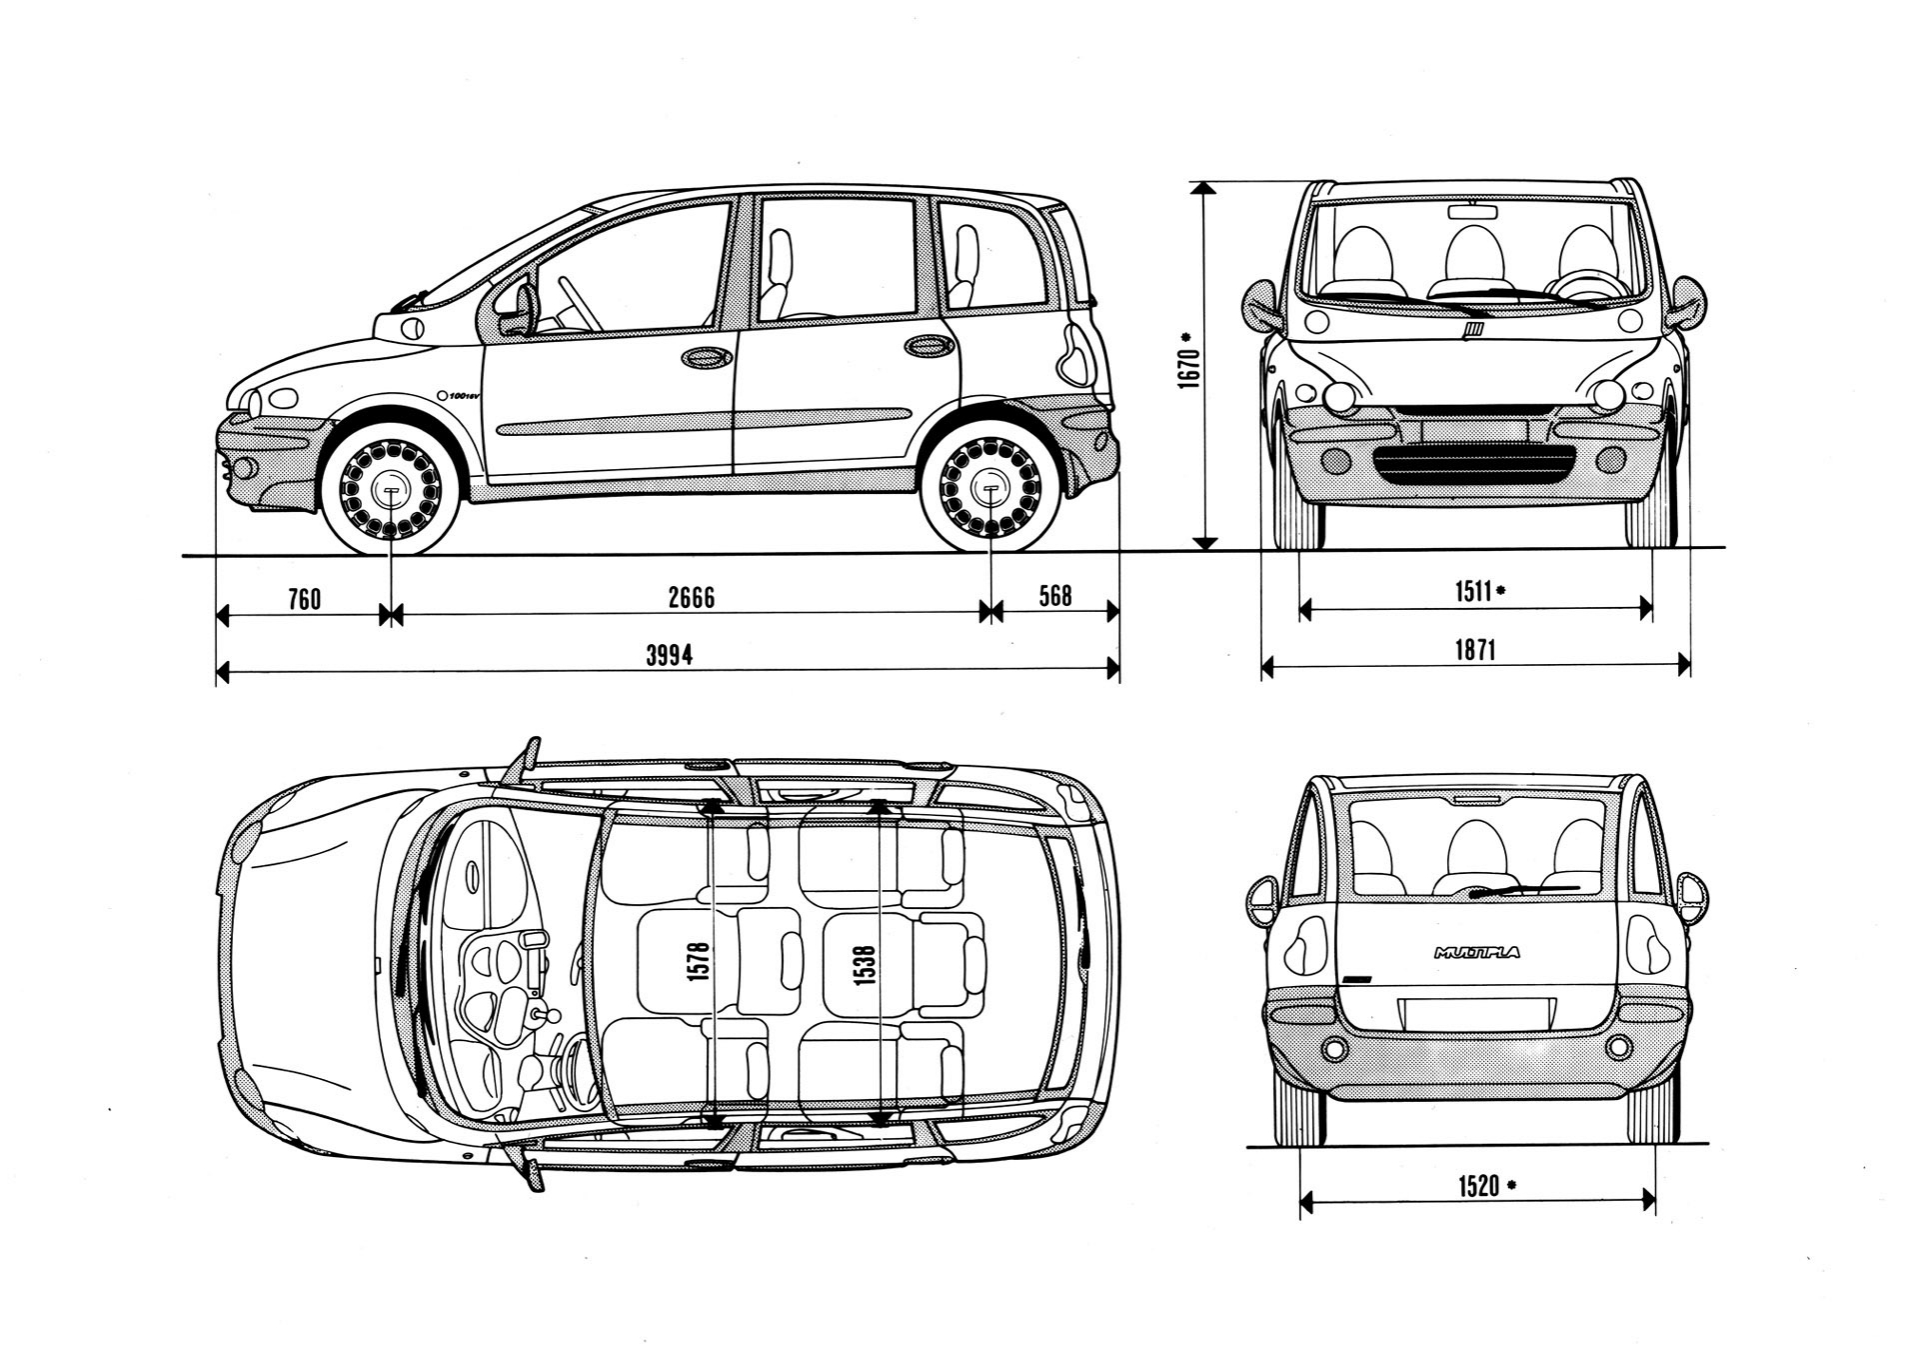 Schema Voiture. sch ma de voiture. dessin voiture profile